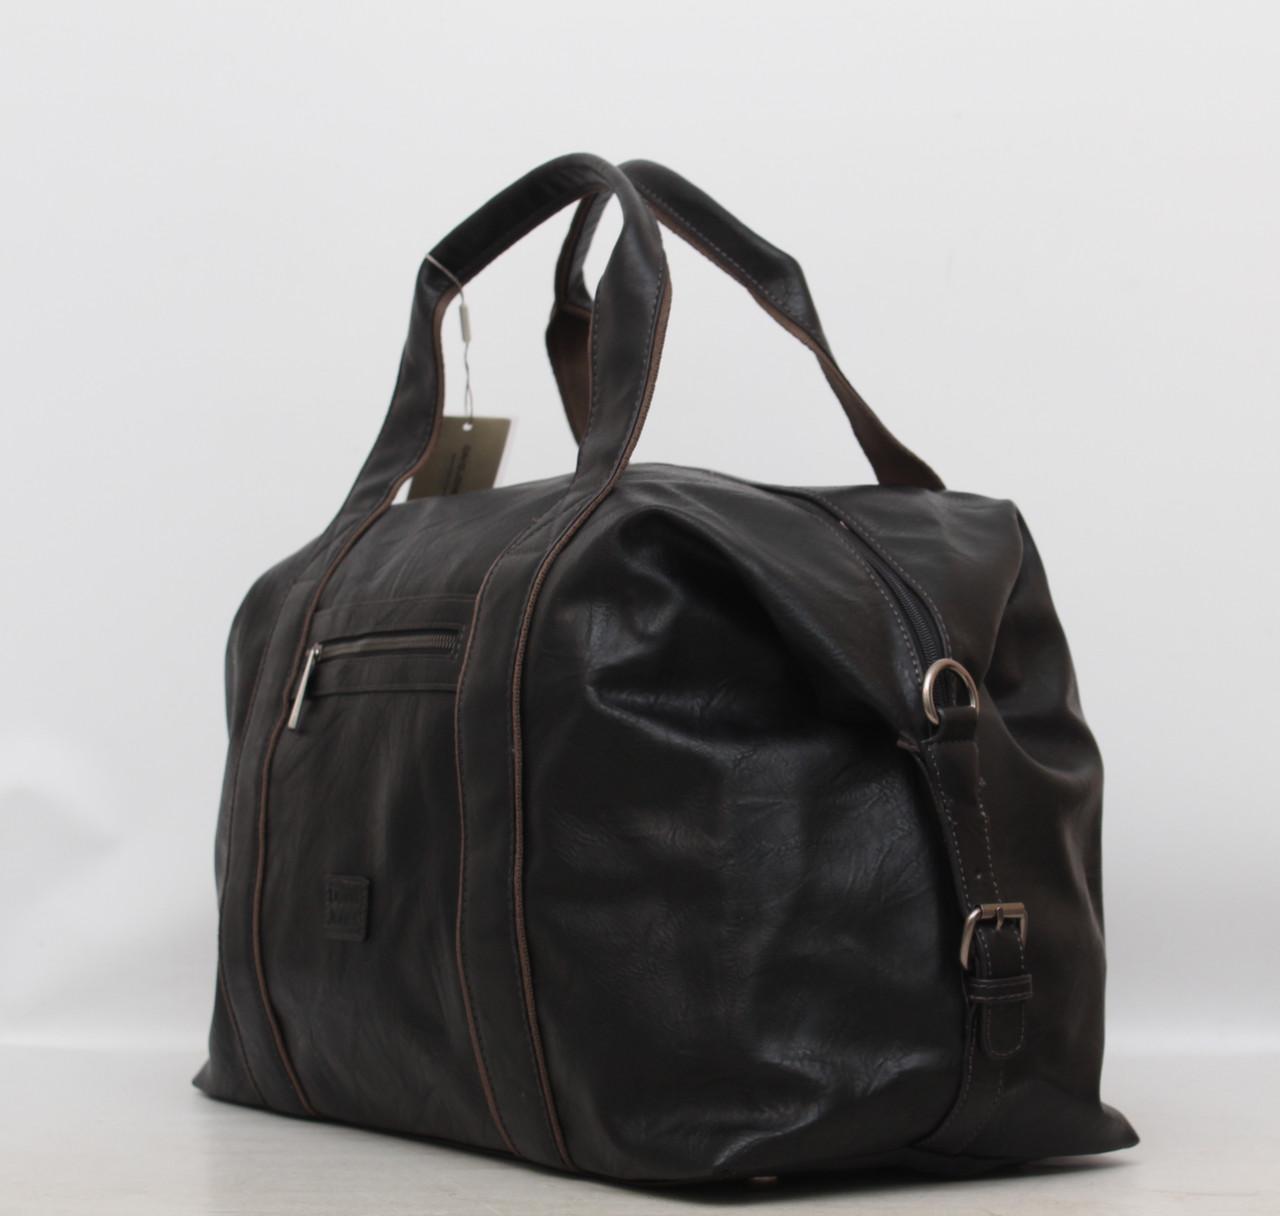 ad76ff42385a Дорожная сумка David Jones в дорогу: продажа, цена в Львовской ...